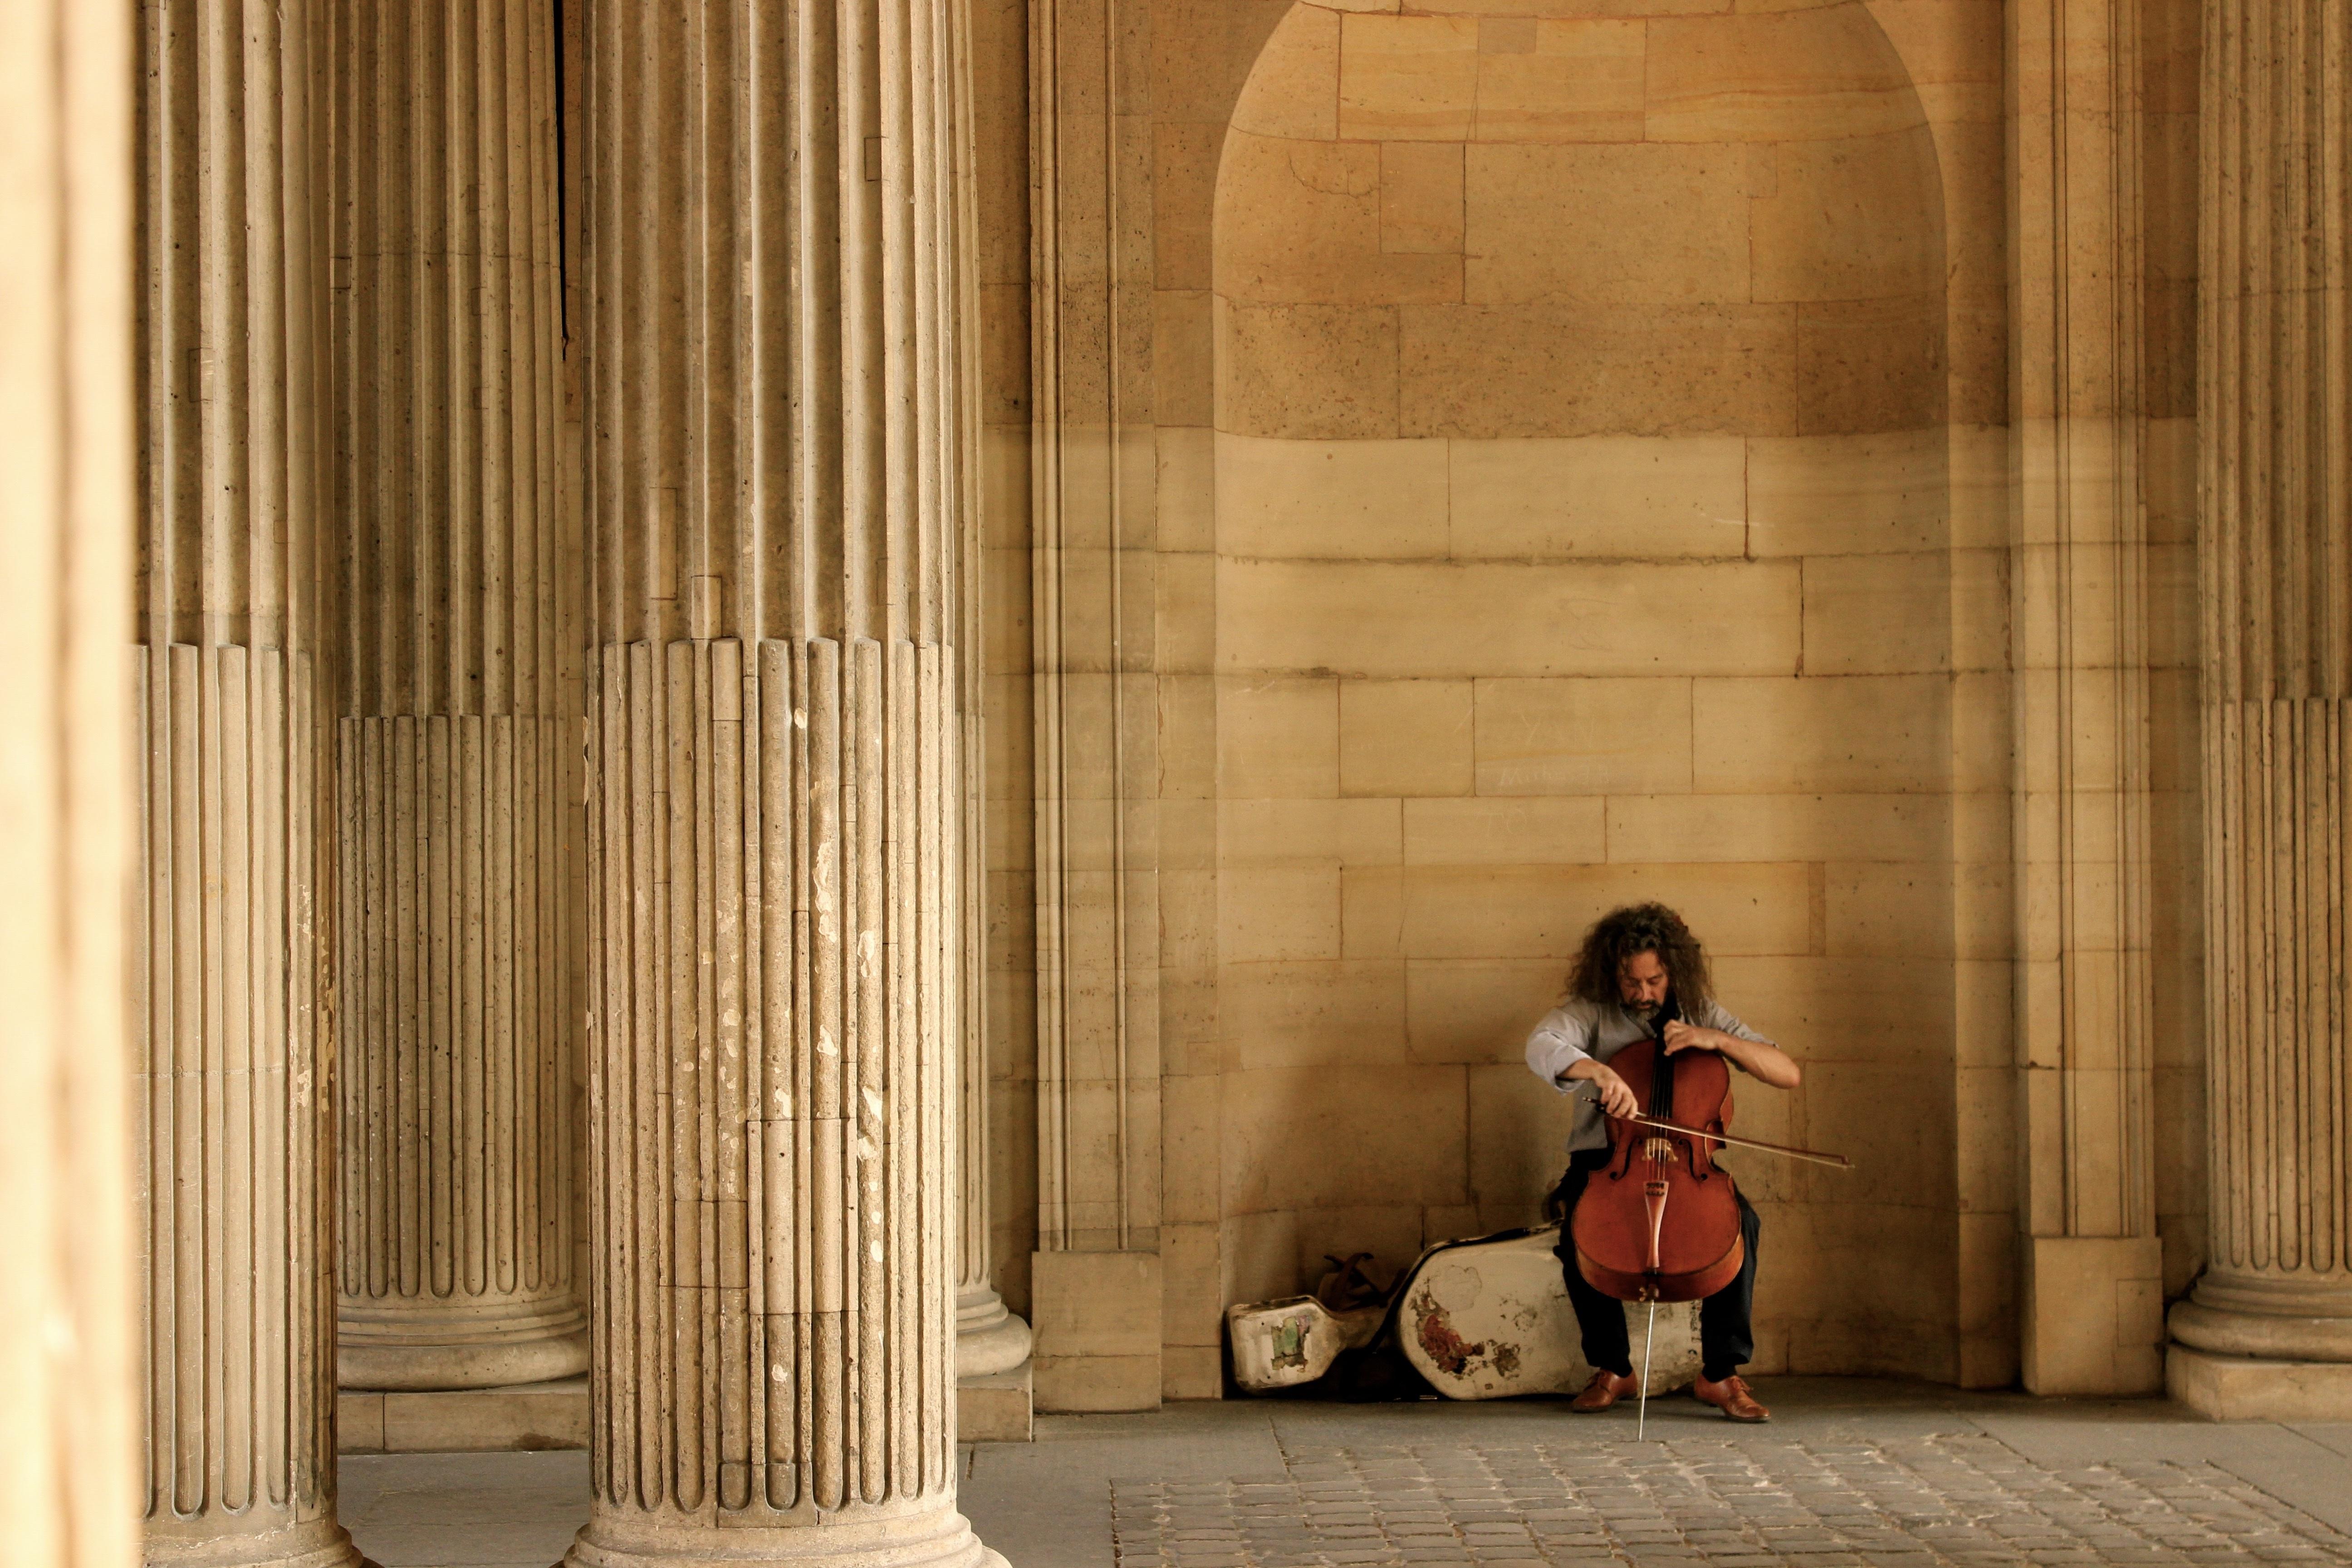 Chellist spielt auf seinem Instrument